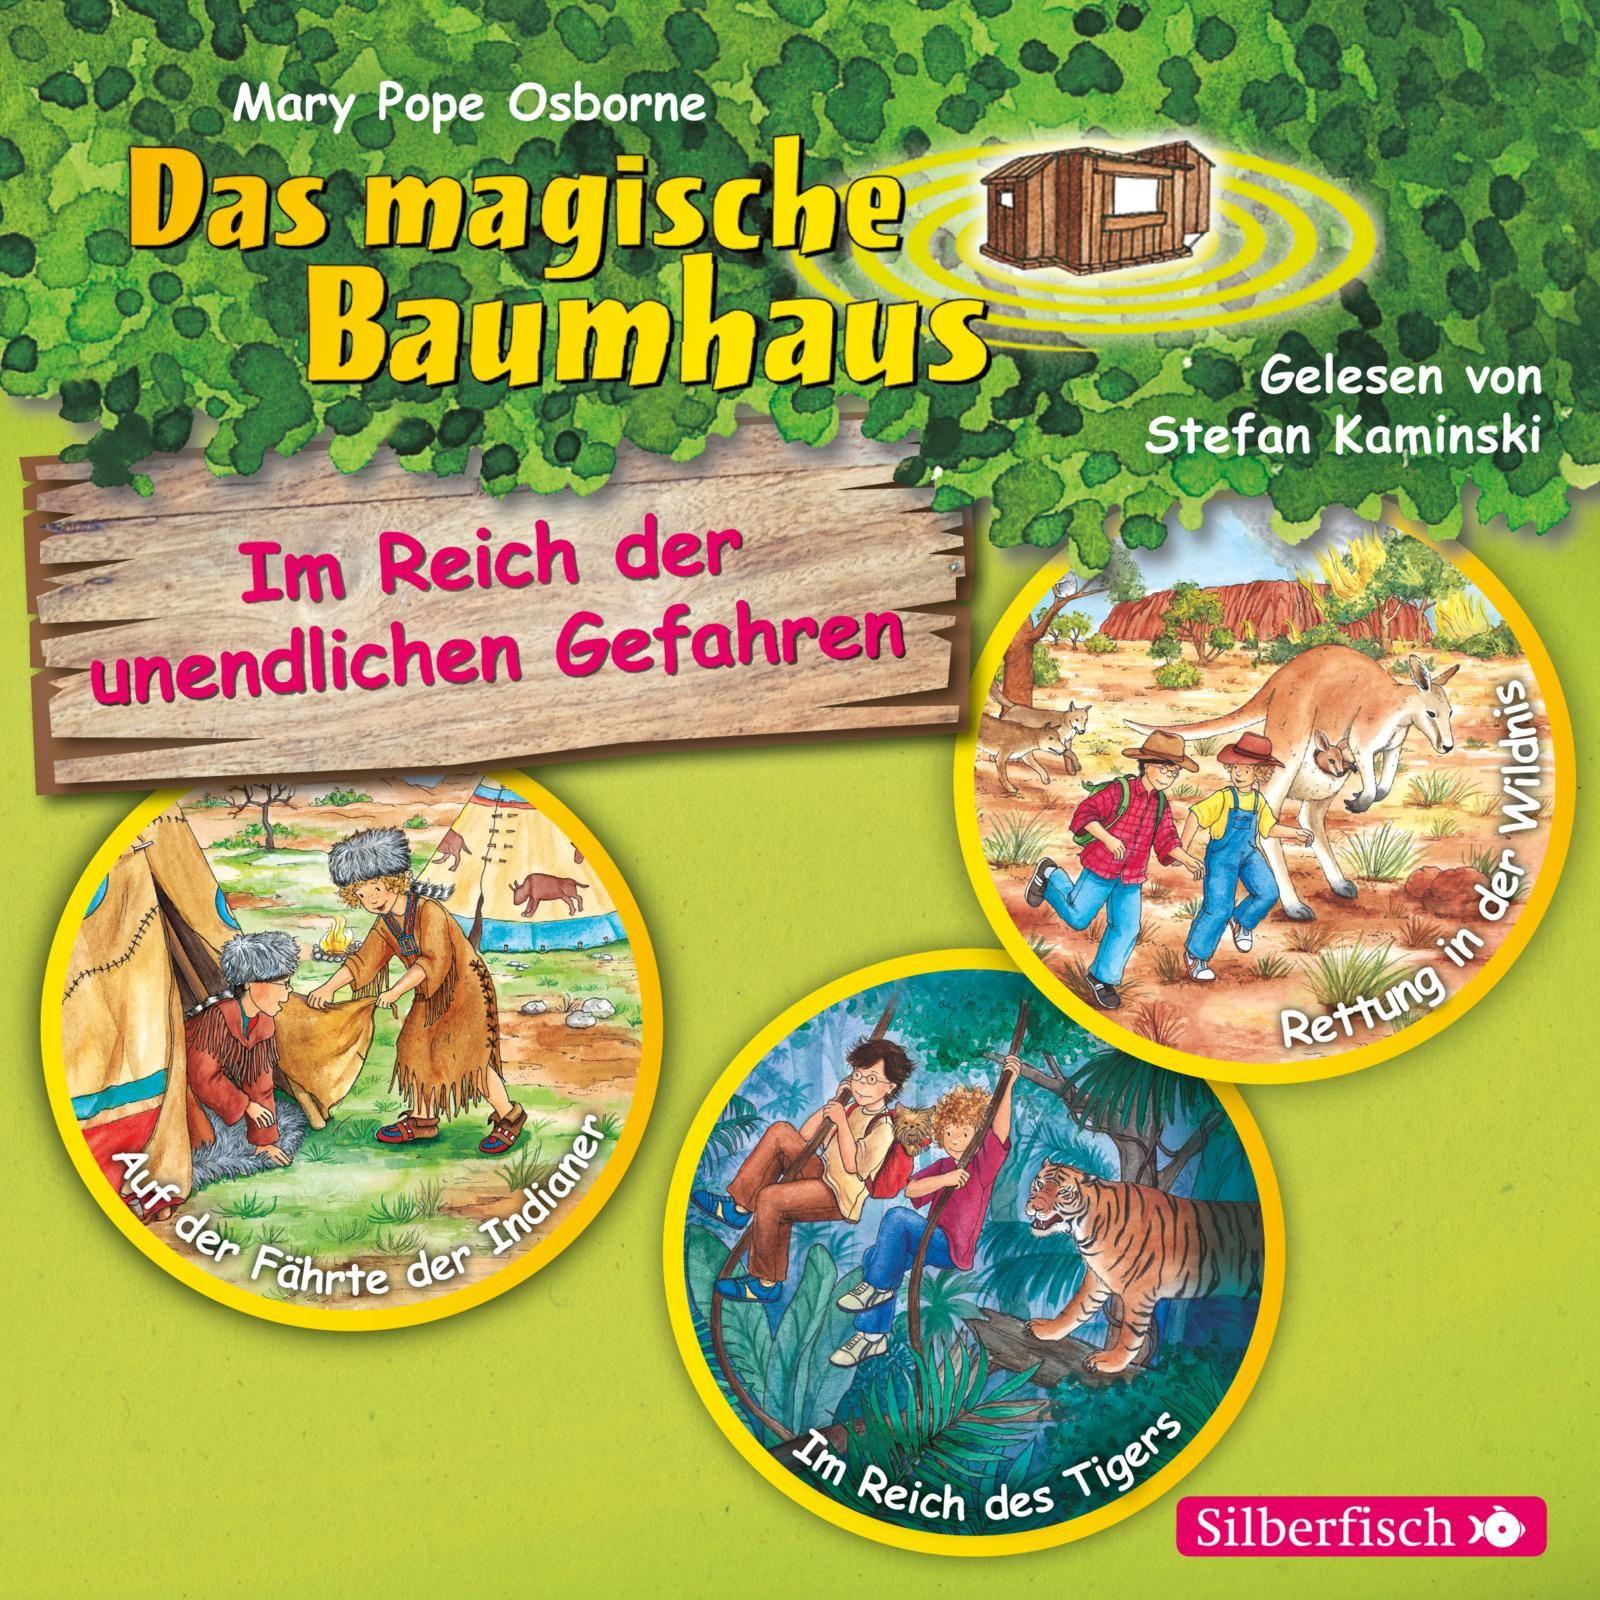 Das magische Baumhaus - Im Reich der unendlichen Gefahren (3er CD-Box)